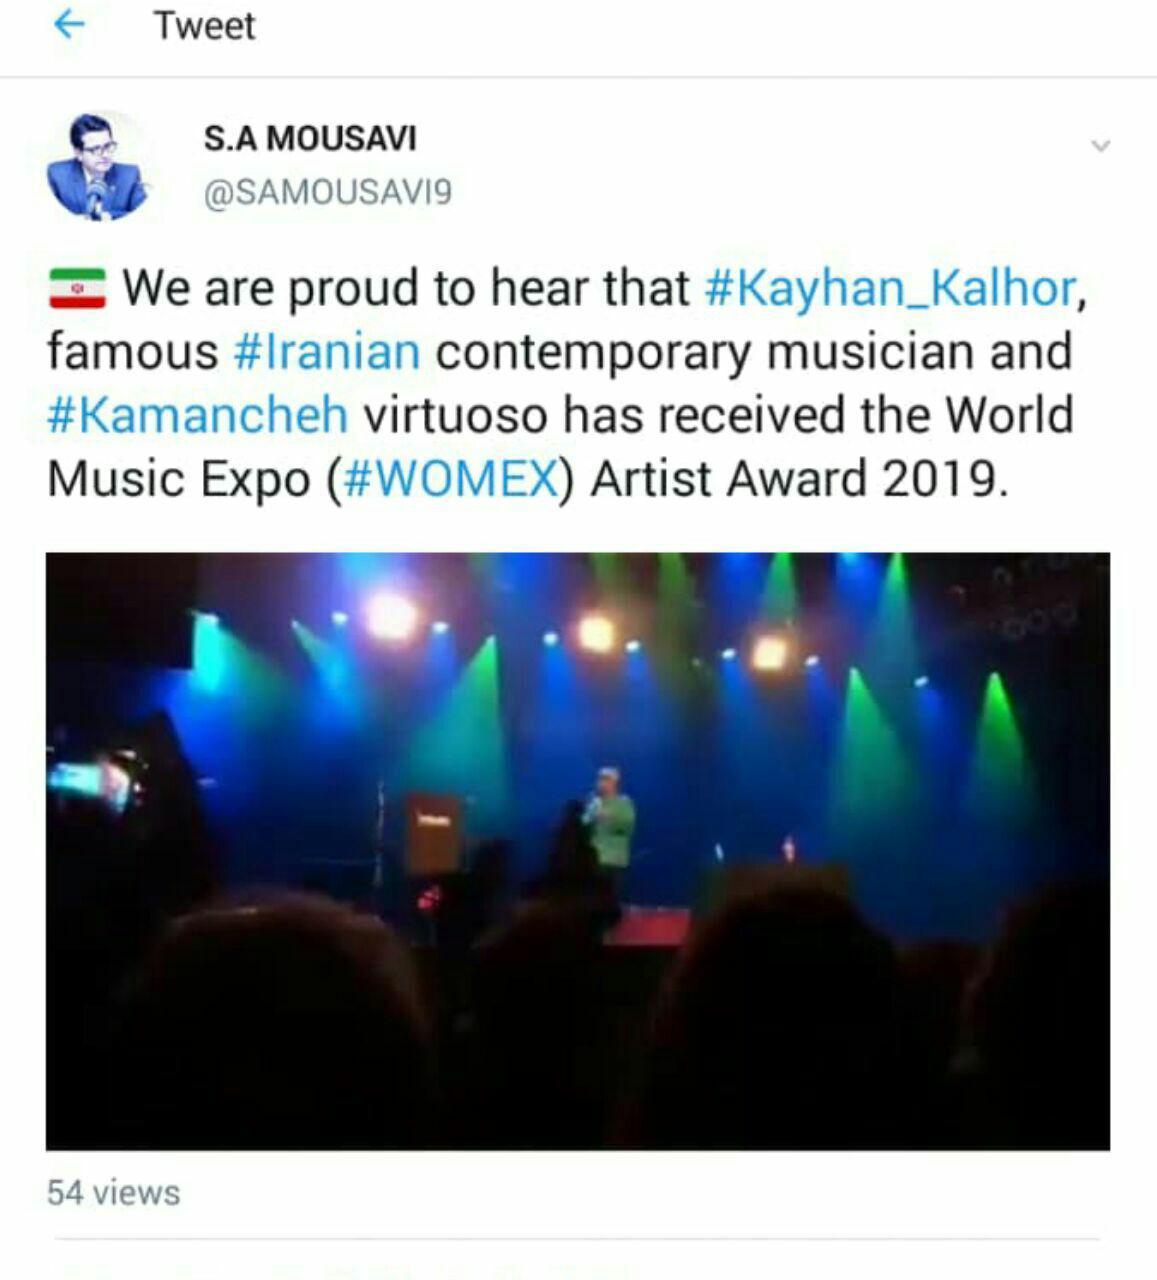 سخنگوی وزارت خارجه دریافت جایزه مرد سال موسیقی دنیا را به کیهان کلهر تبریک گفت